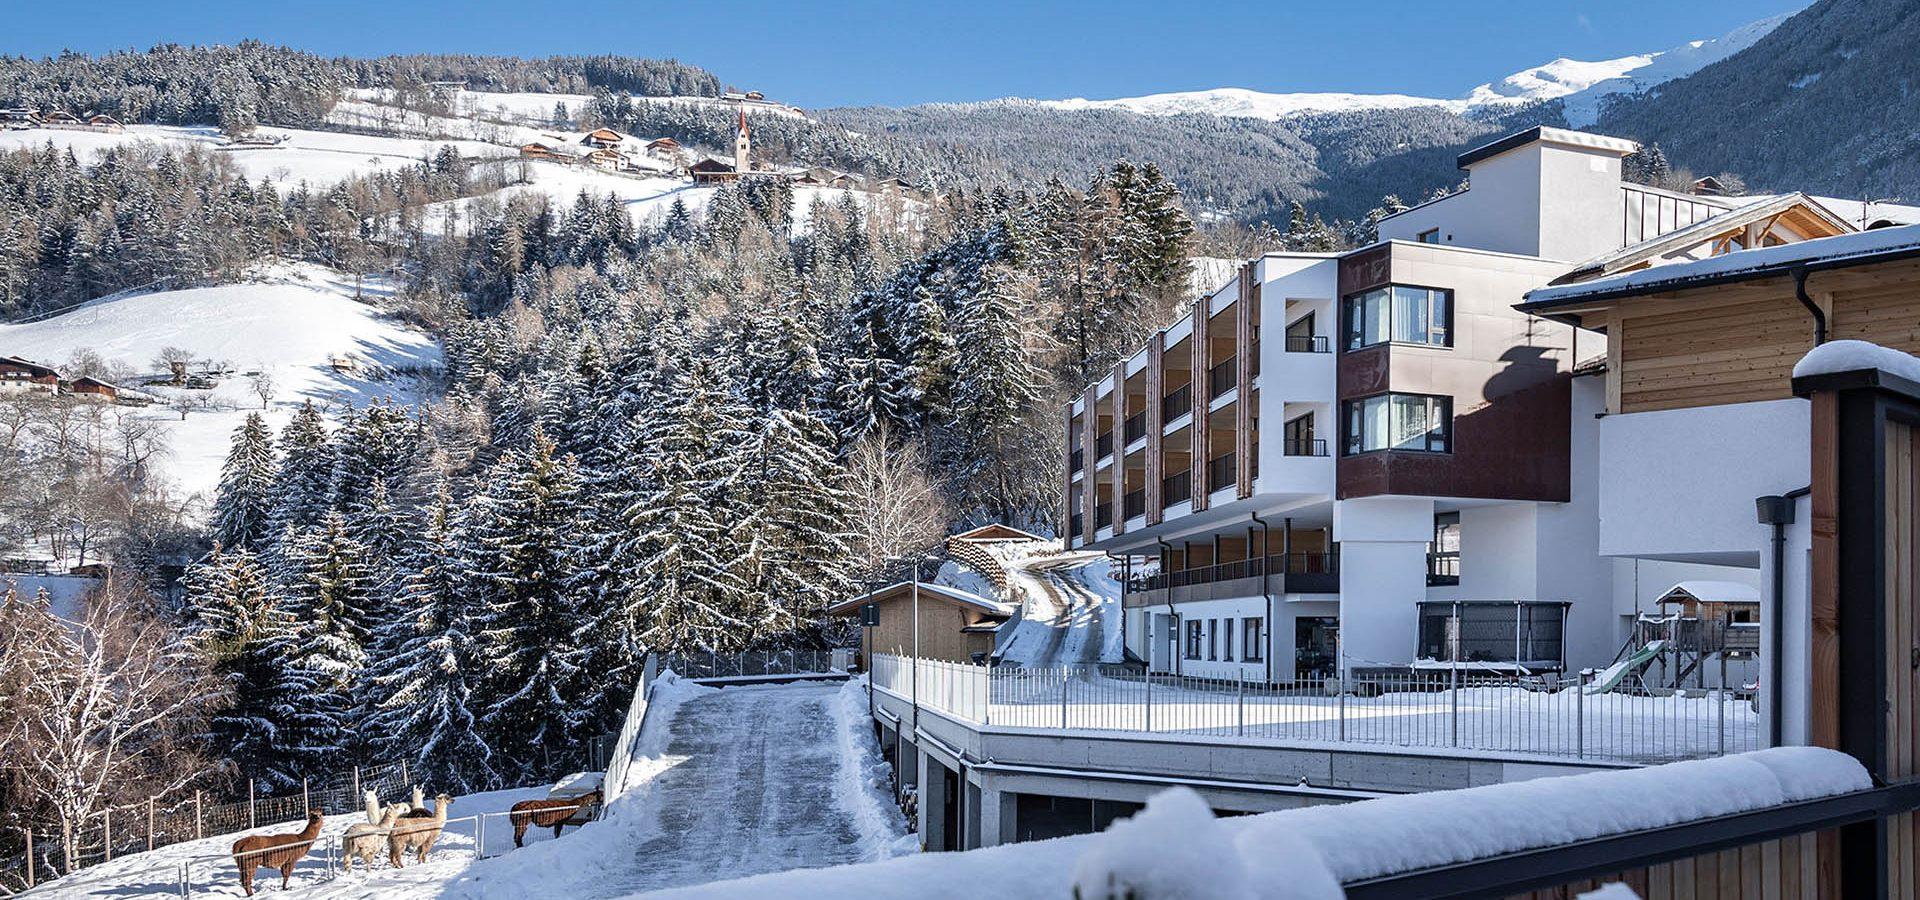 Lage & Umgebung Hotel Torgglerhof